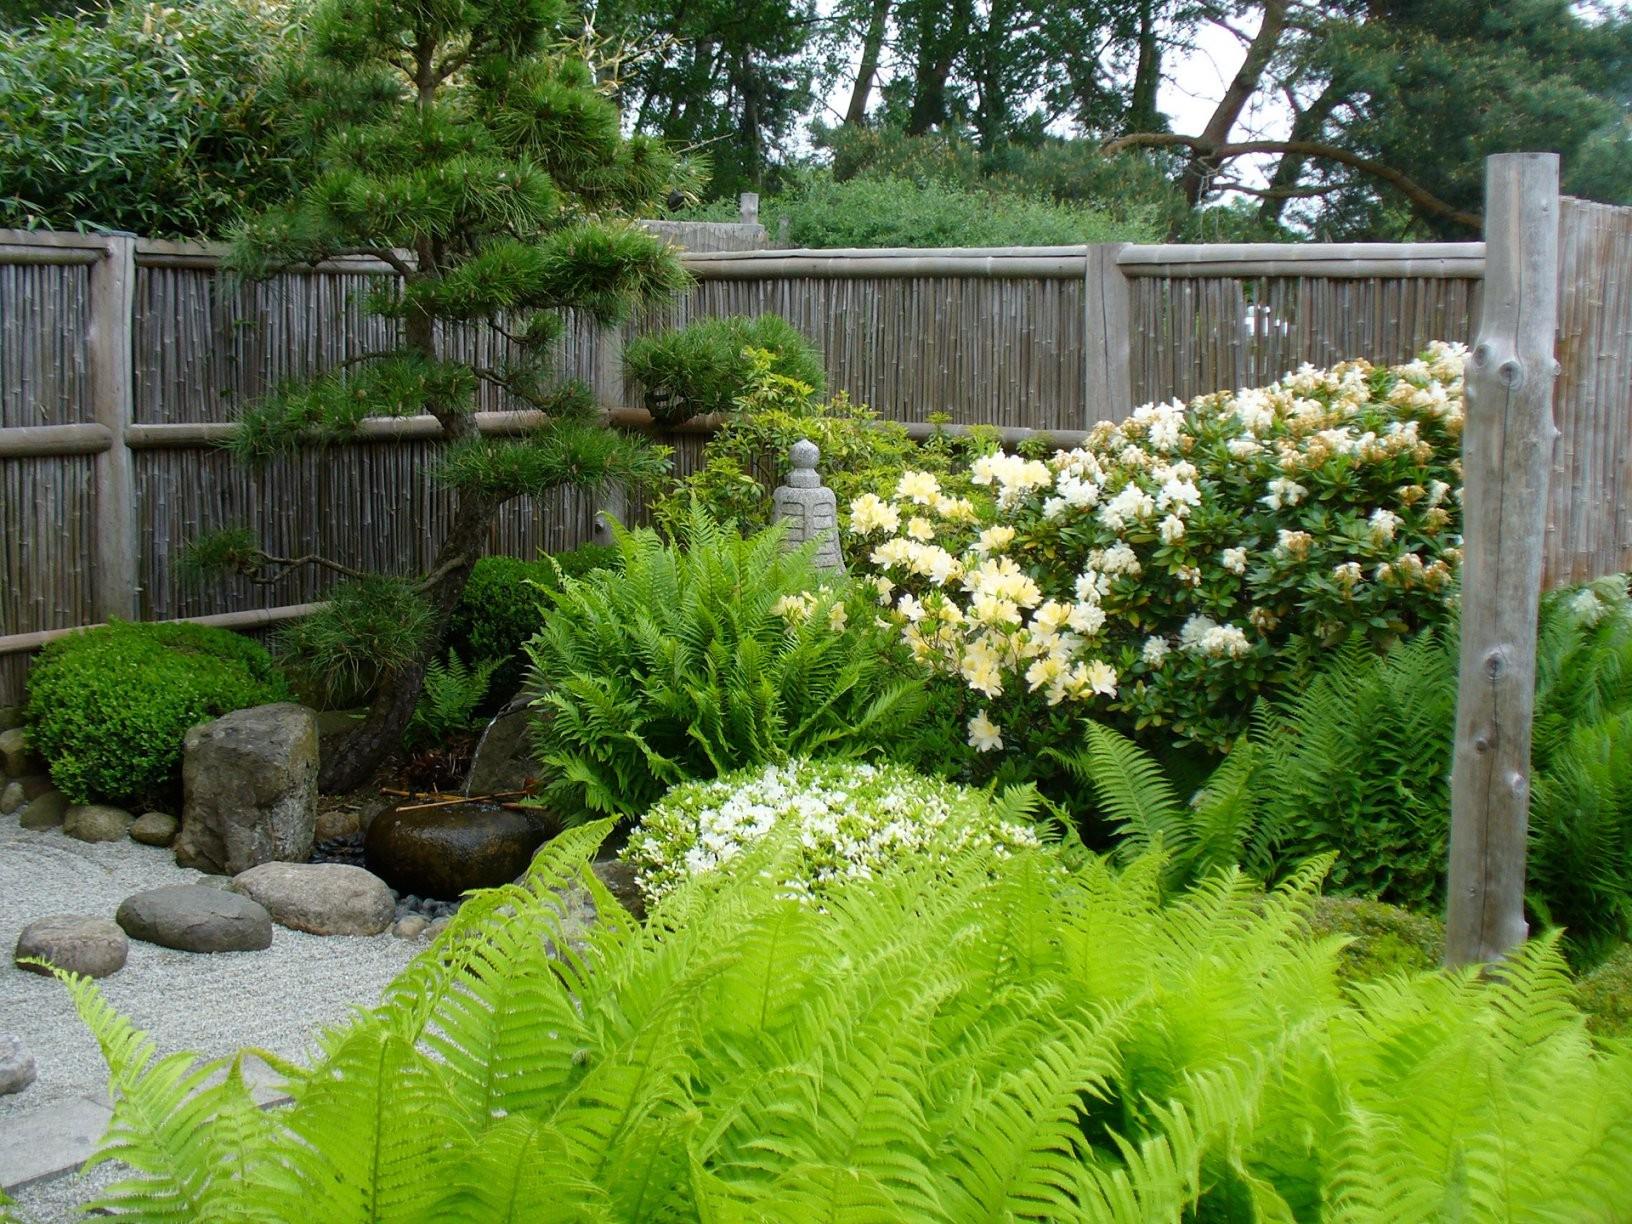 Roji Japanische Gärten  Roji Japanische Gärten Japanischer Garten von Kleiner Japanischer Garten Photo